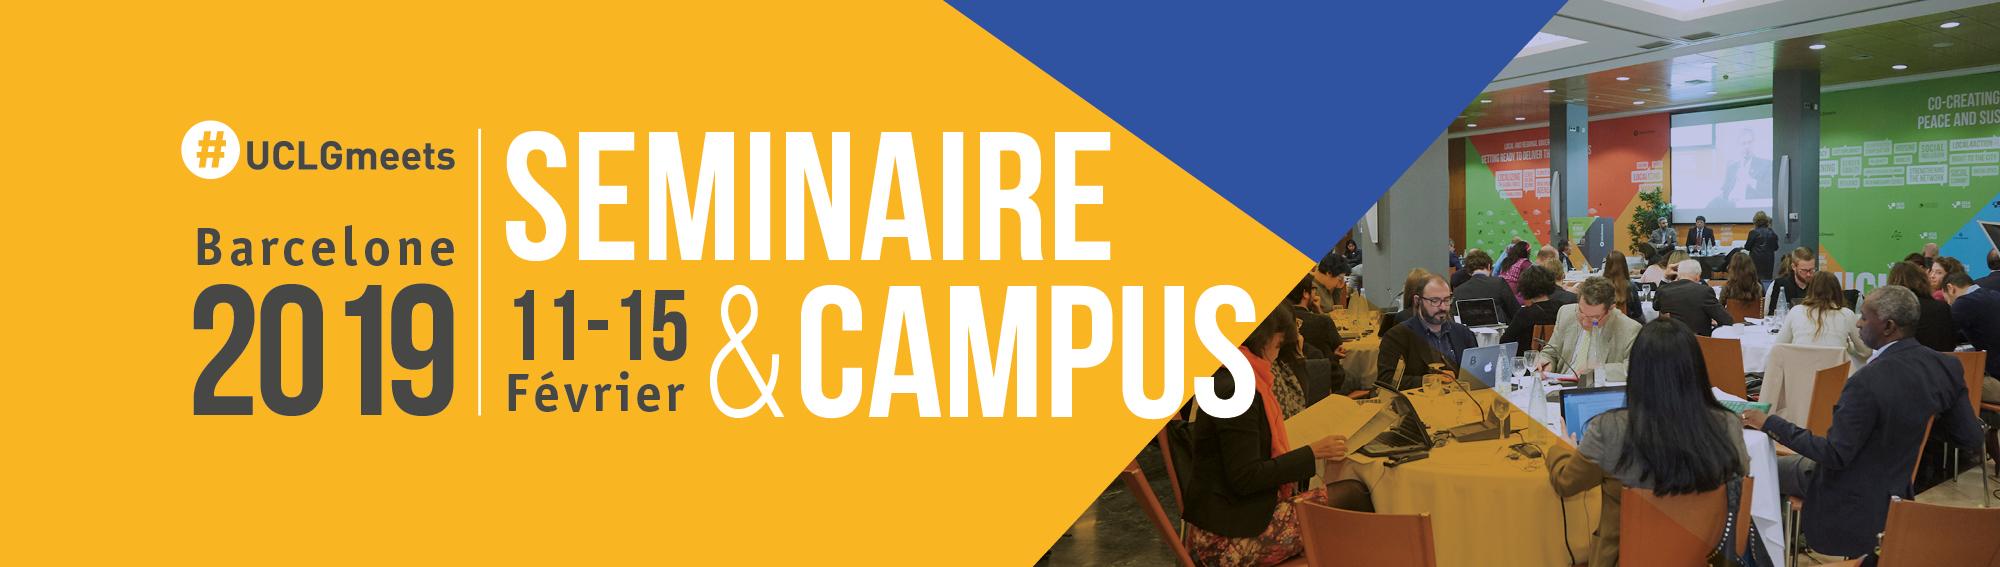 CGLU Seminaire & Campus